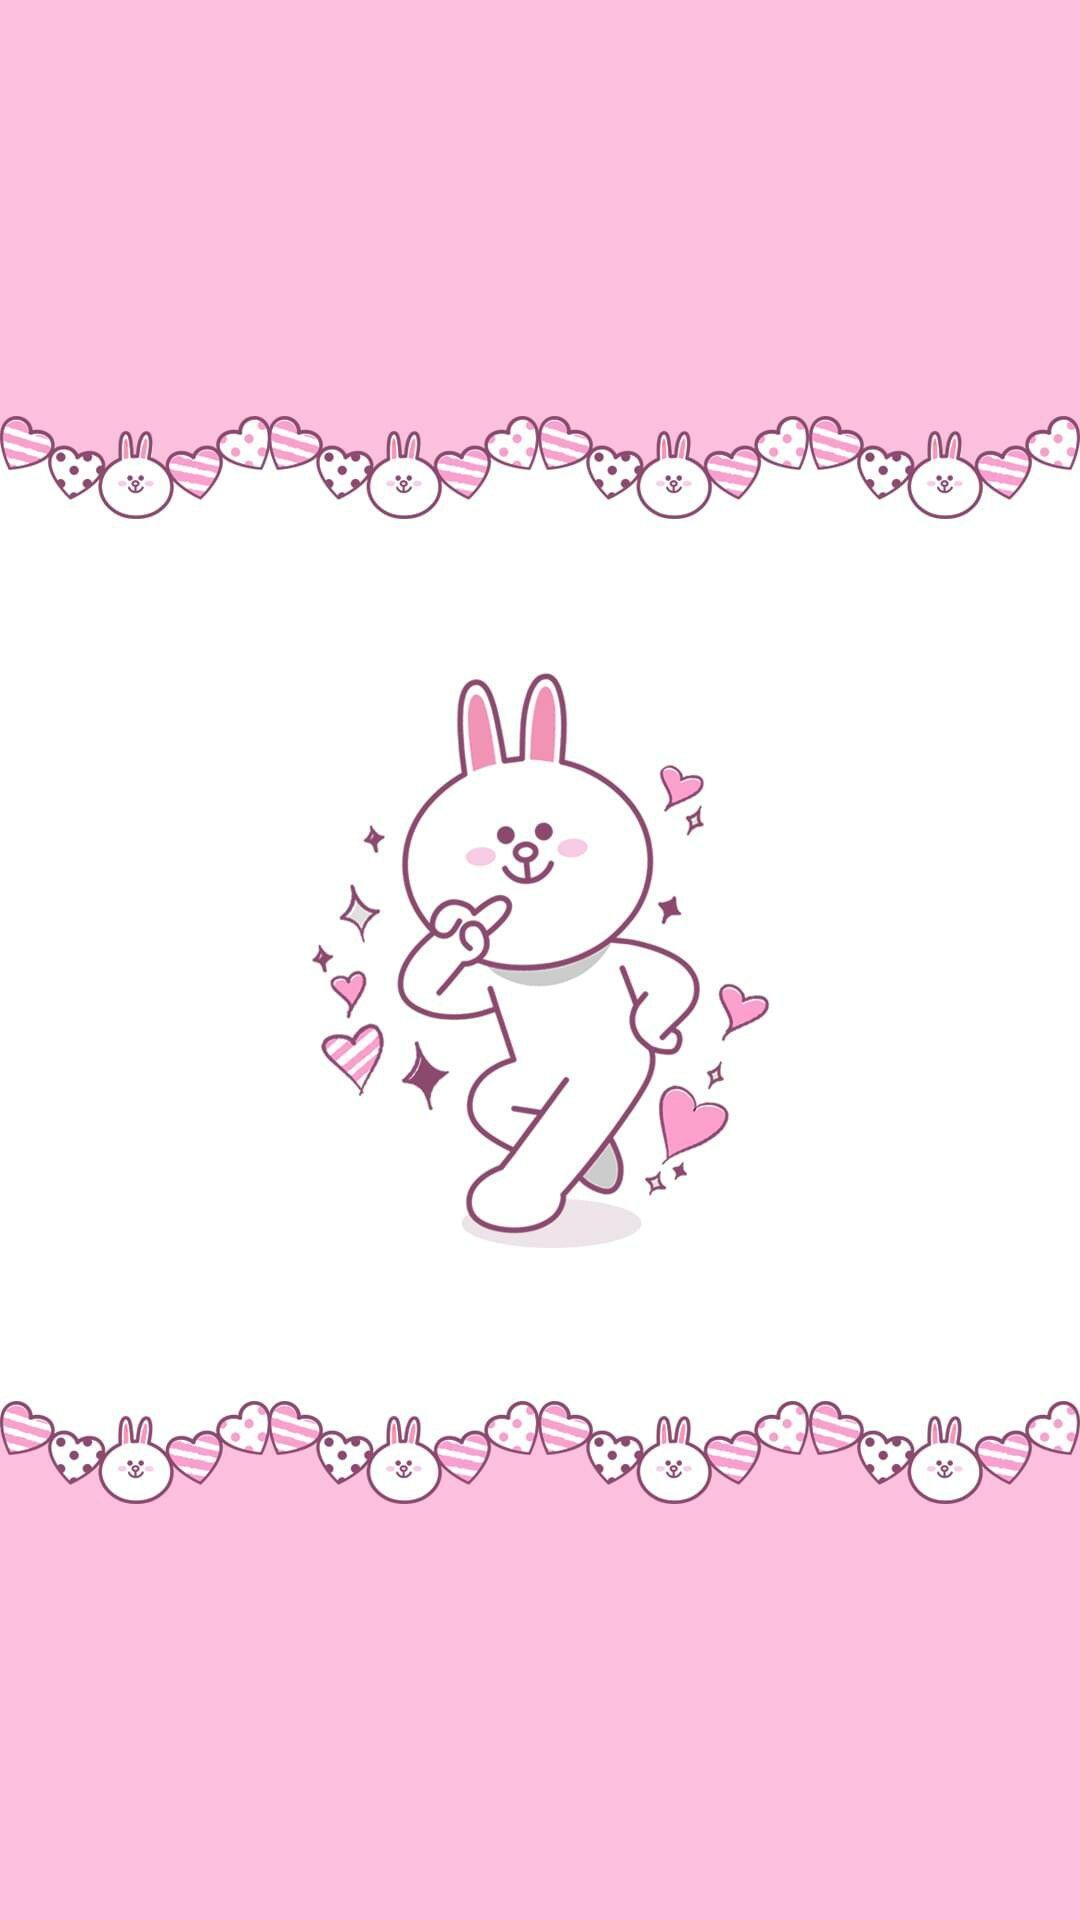 #kawaii #cute LineDeco